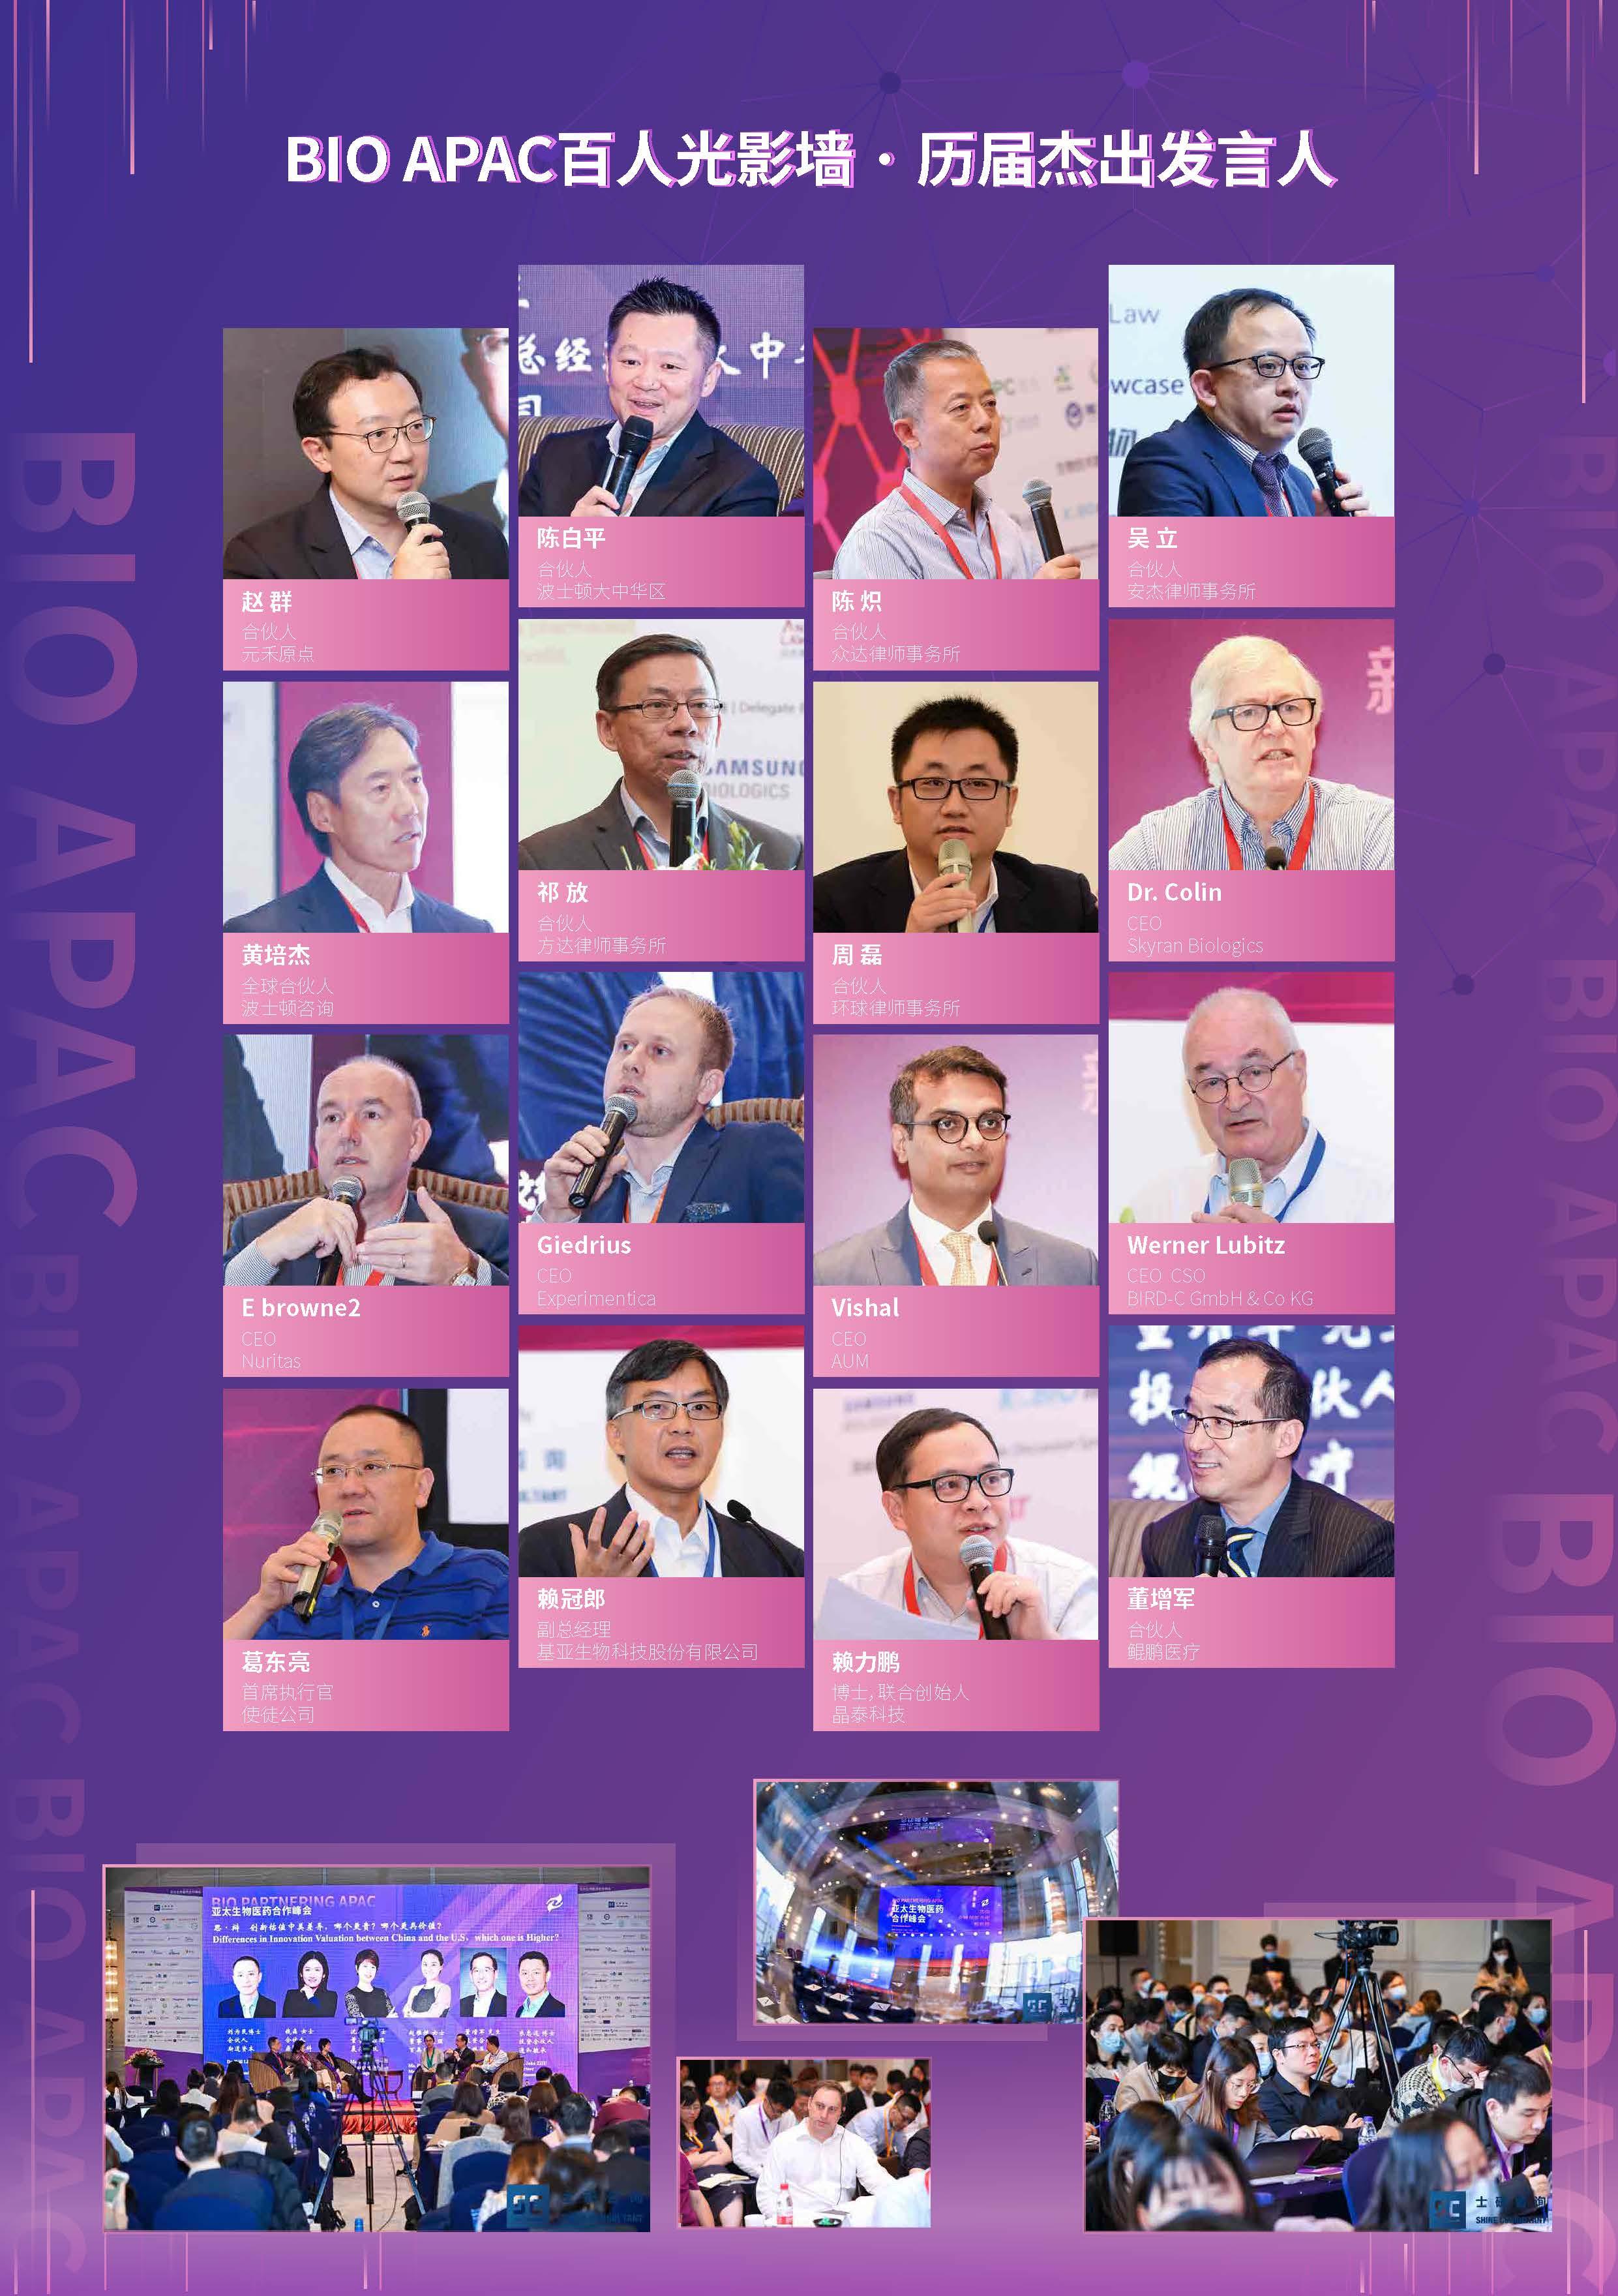 2021亚太生物医药合作峰会